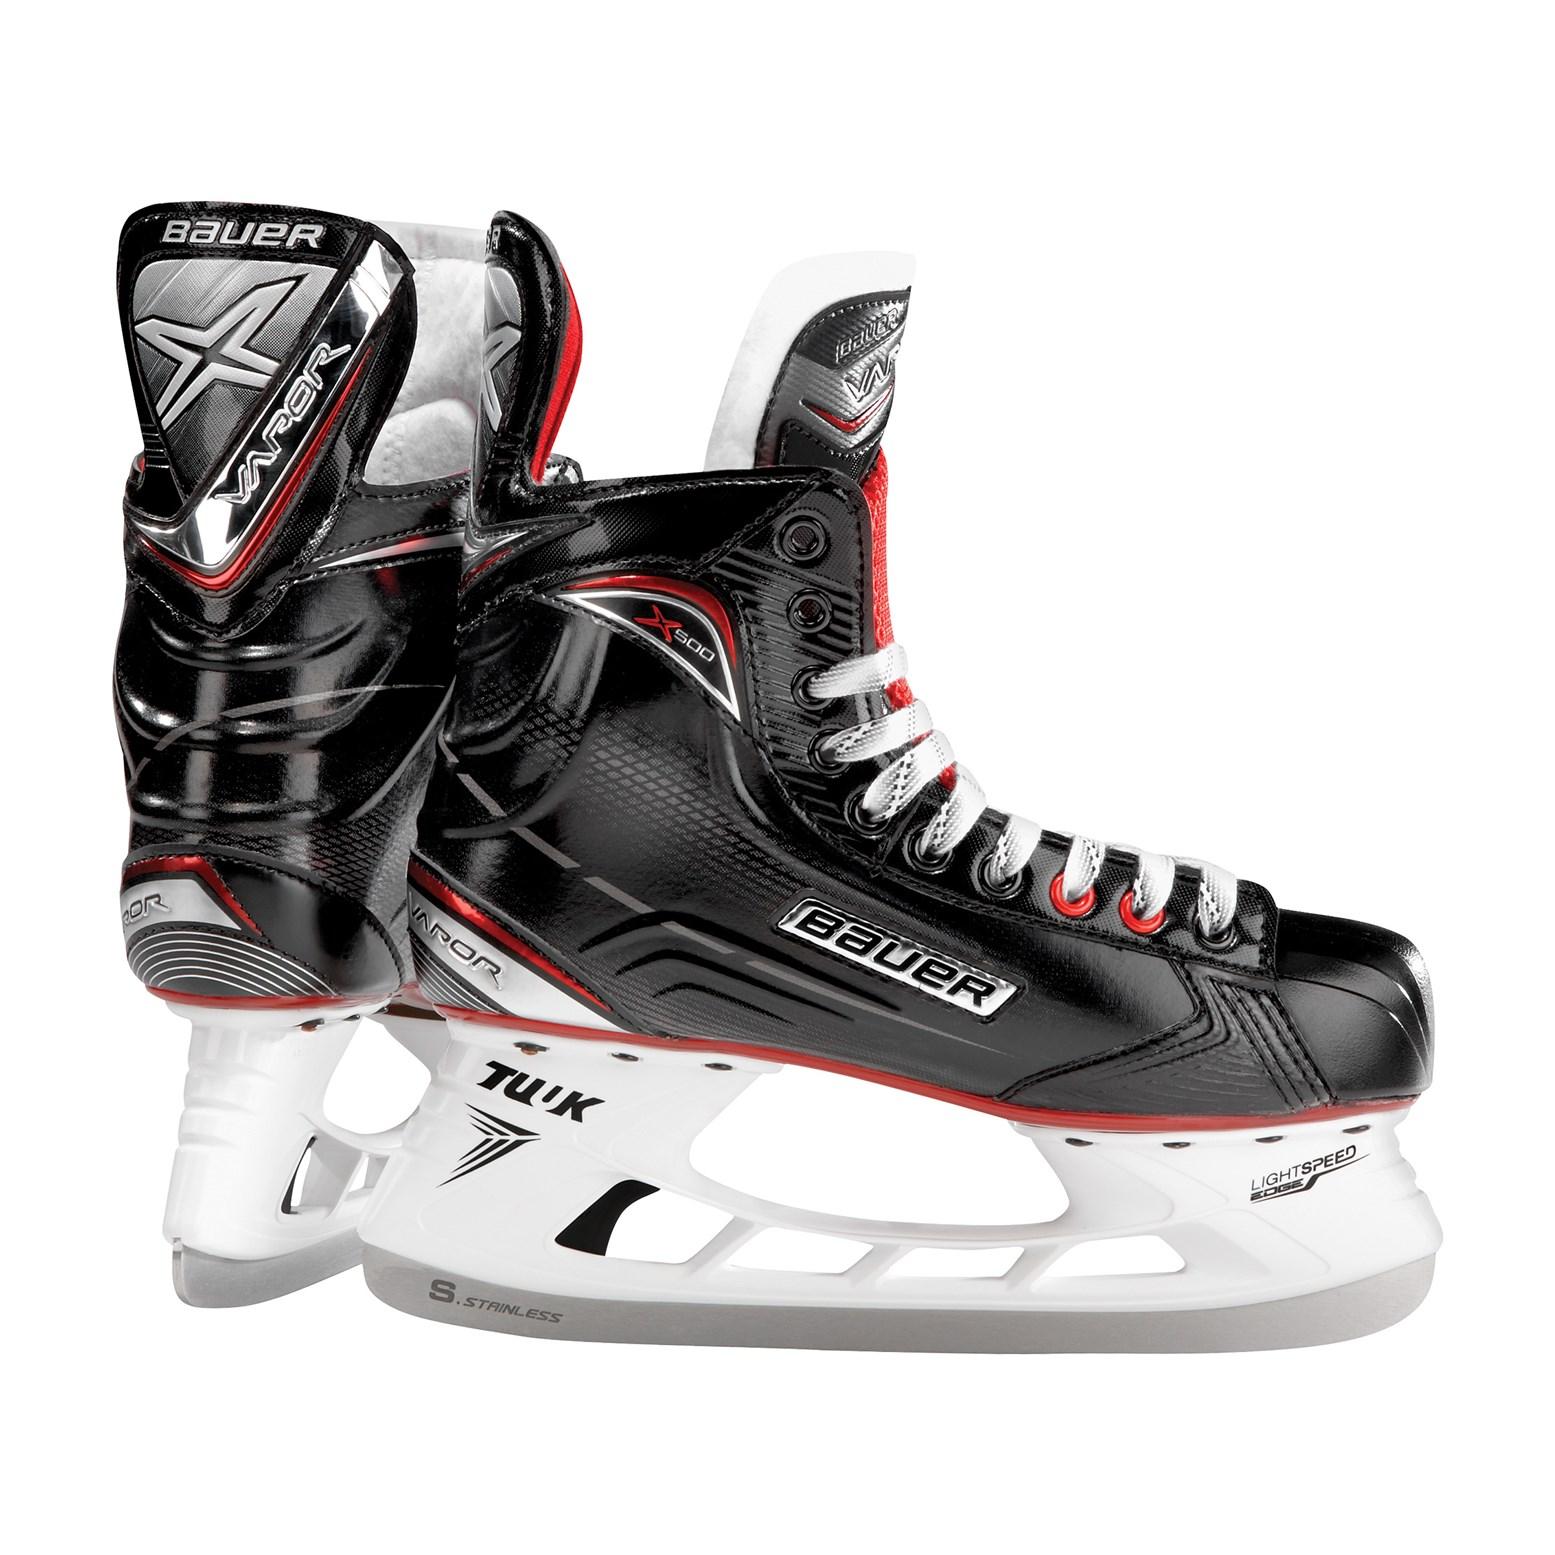 Хоккейная форма для мальчика 8-12 лет в регионе.